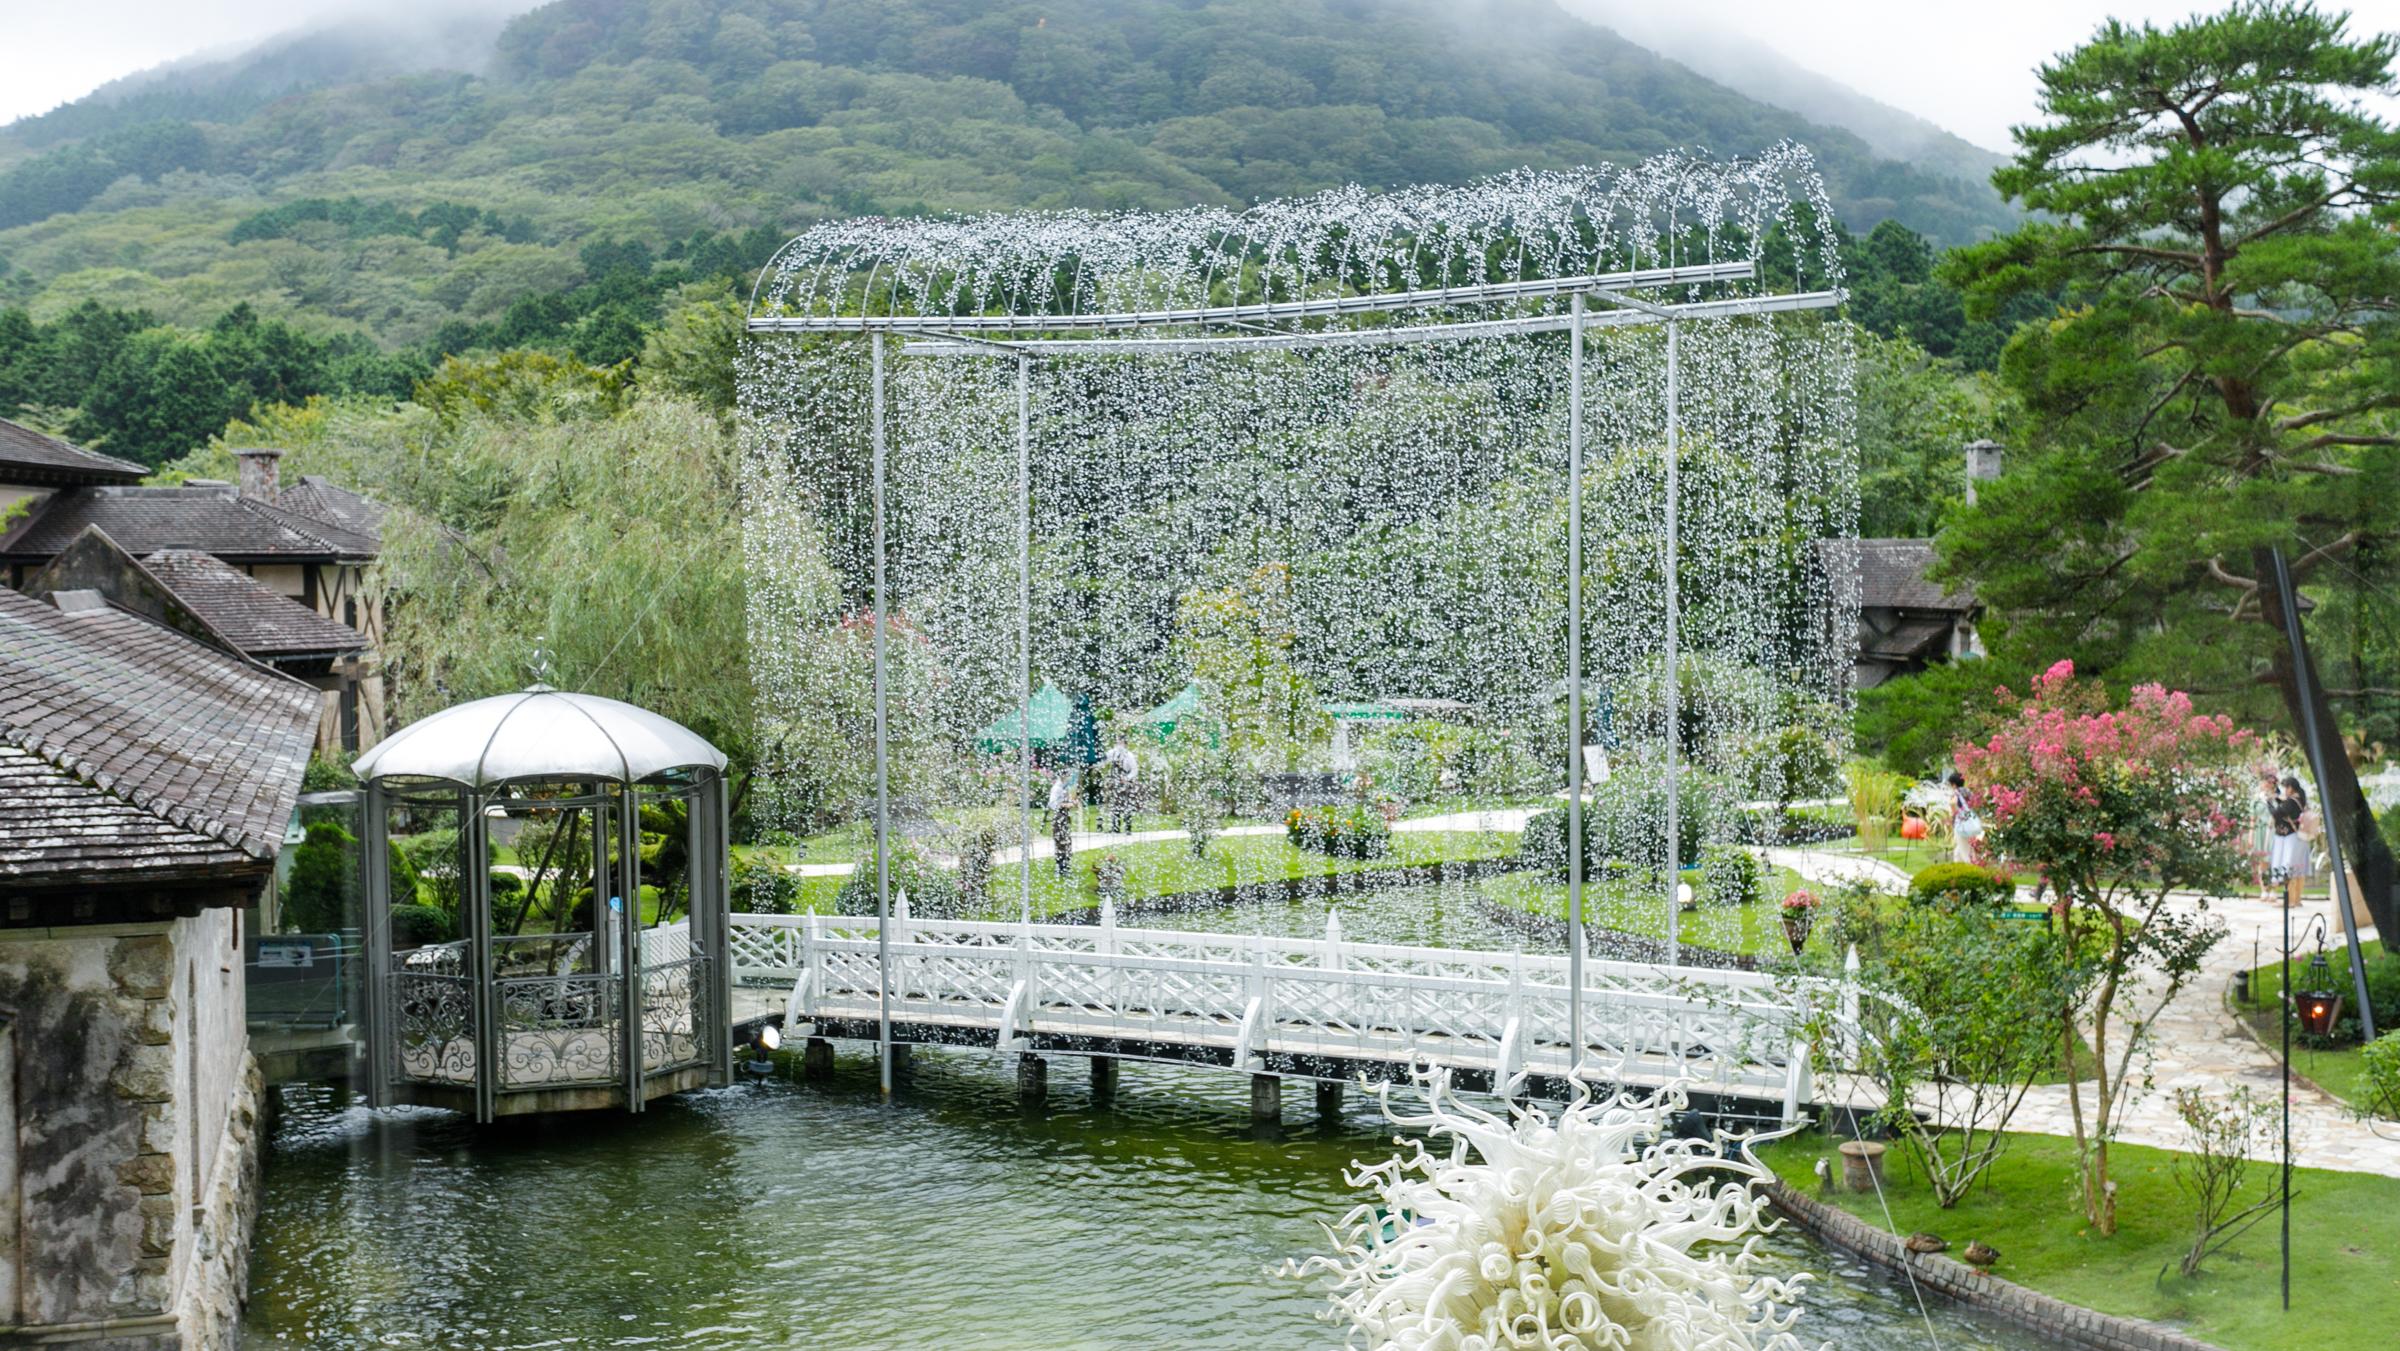 箱根ガラスの森美術館で「ヴェネチアの街角」に迷い込んできた